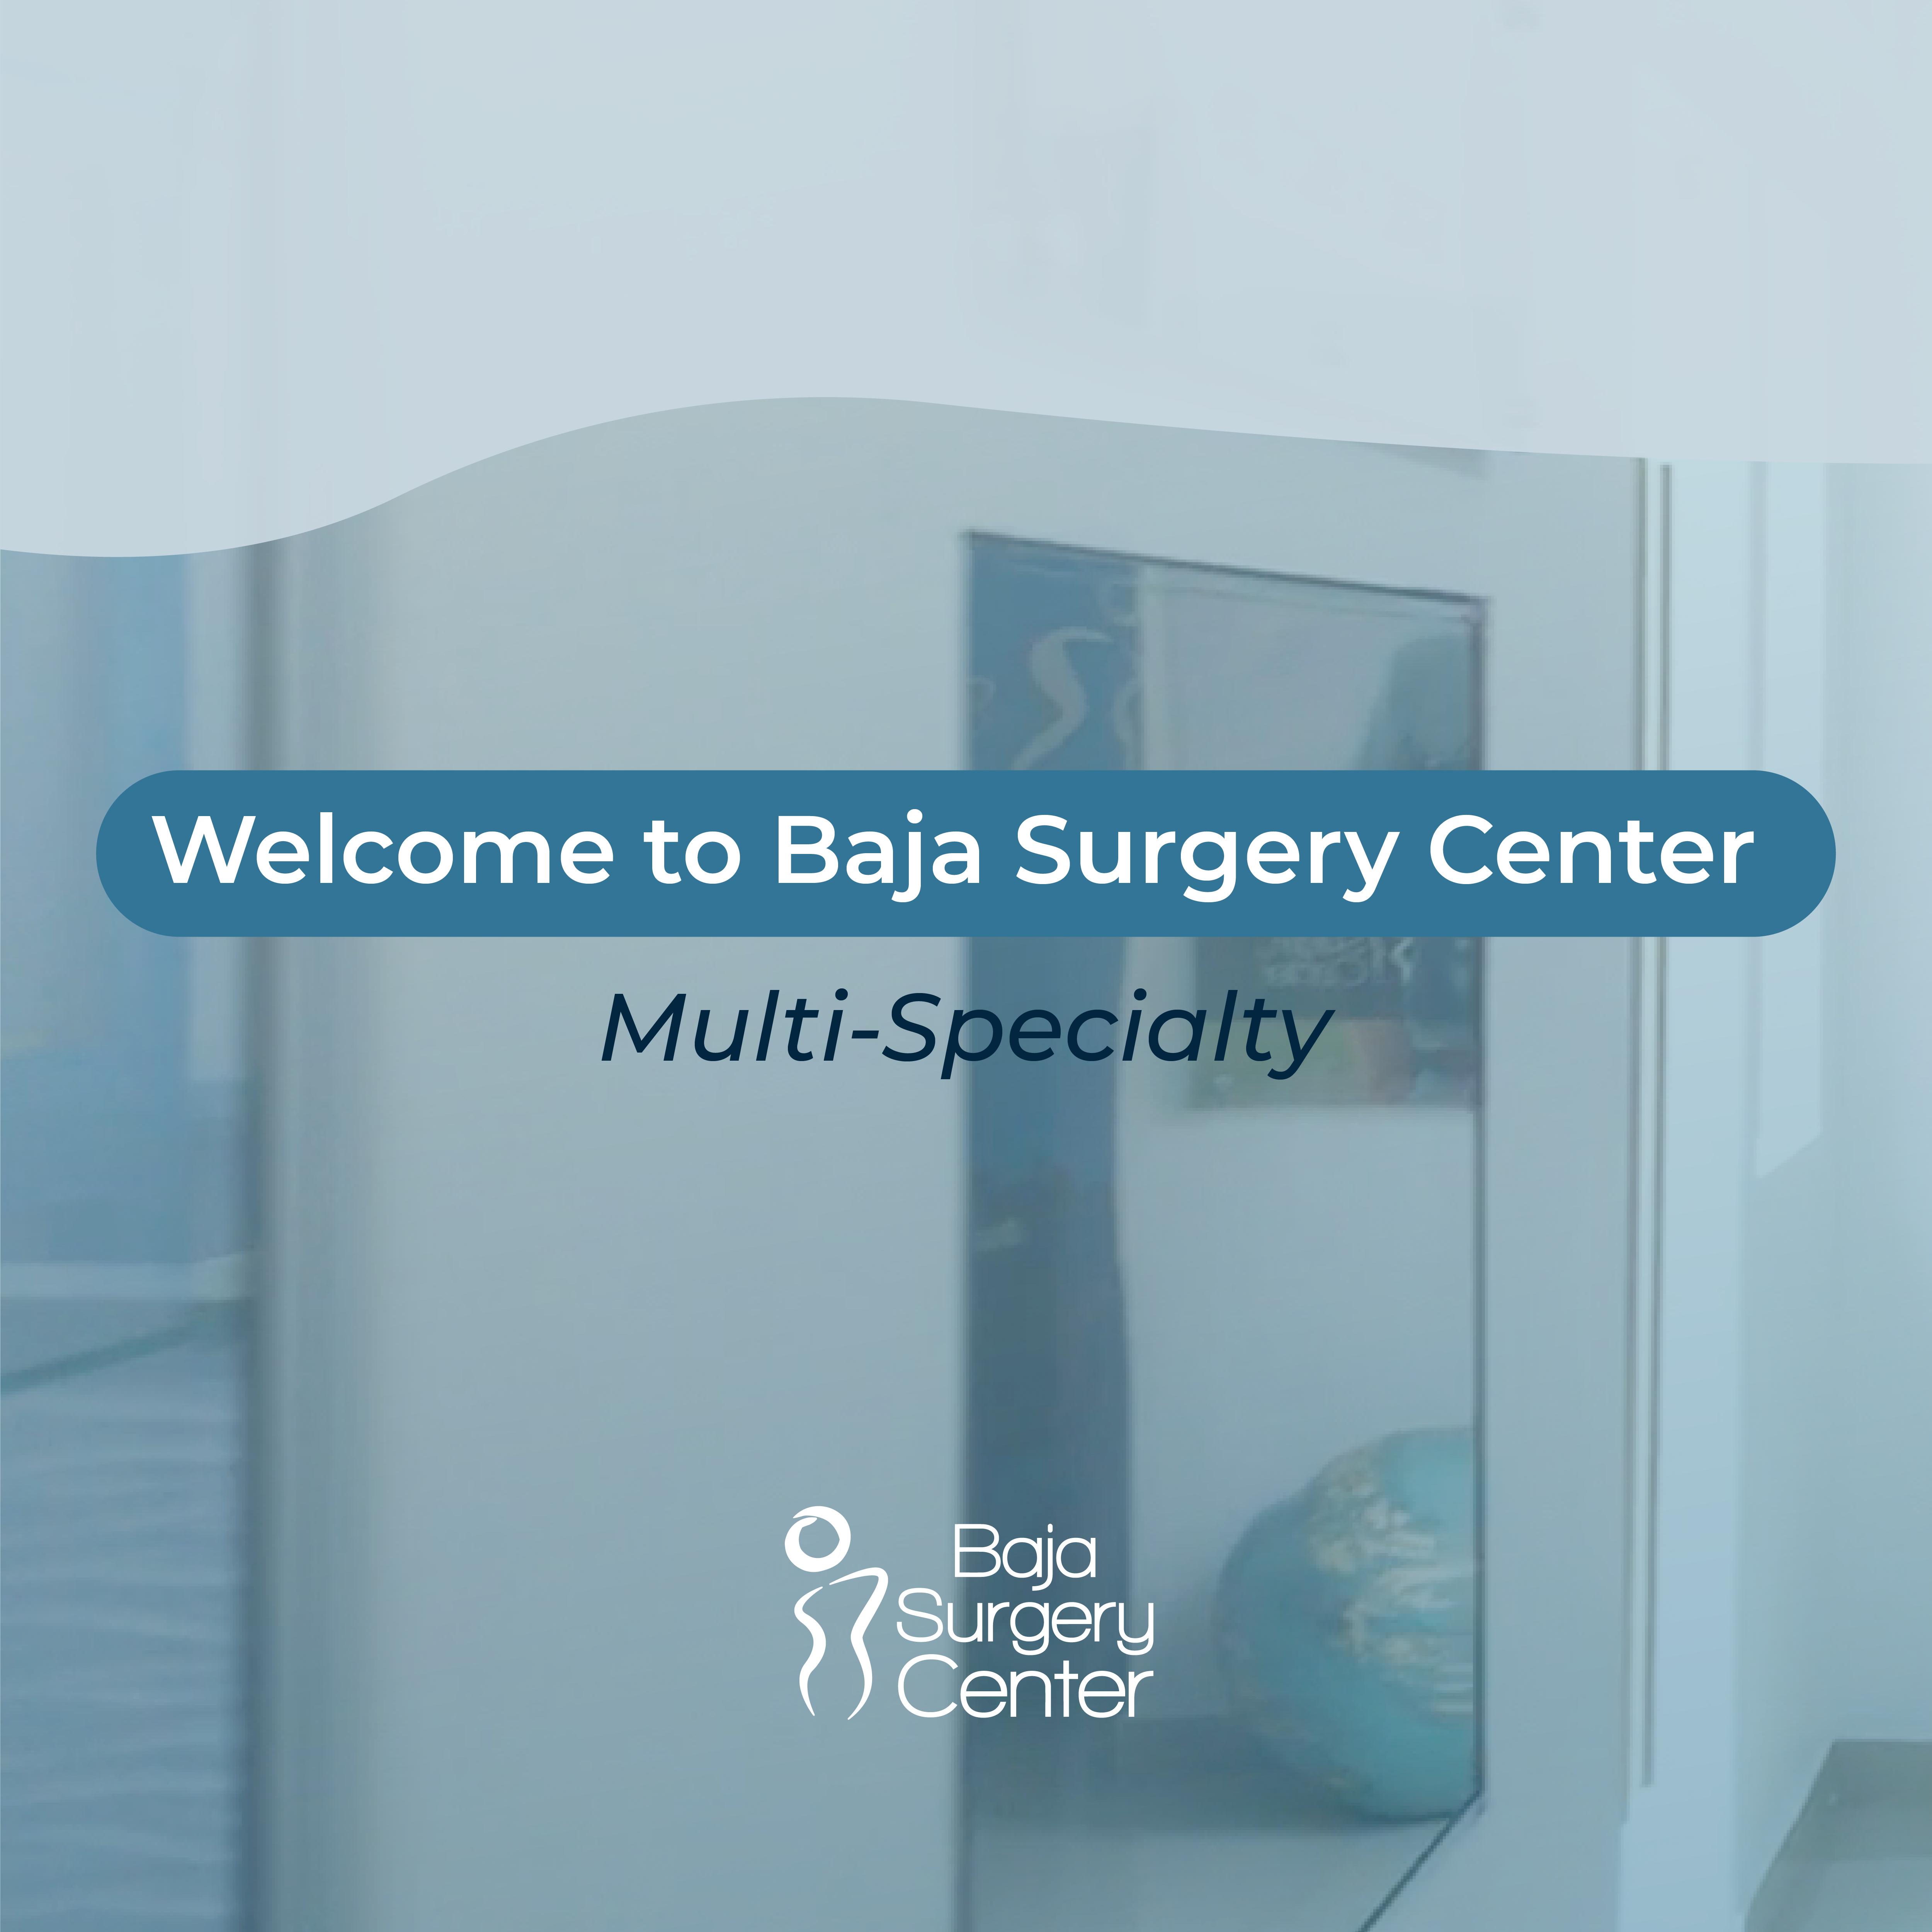 baja-surgery-center